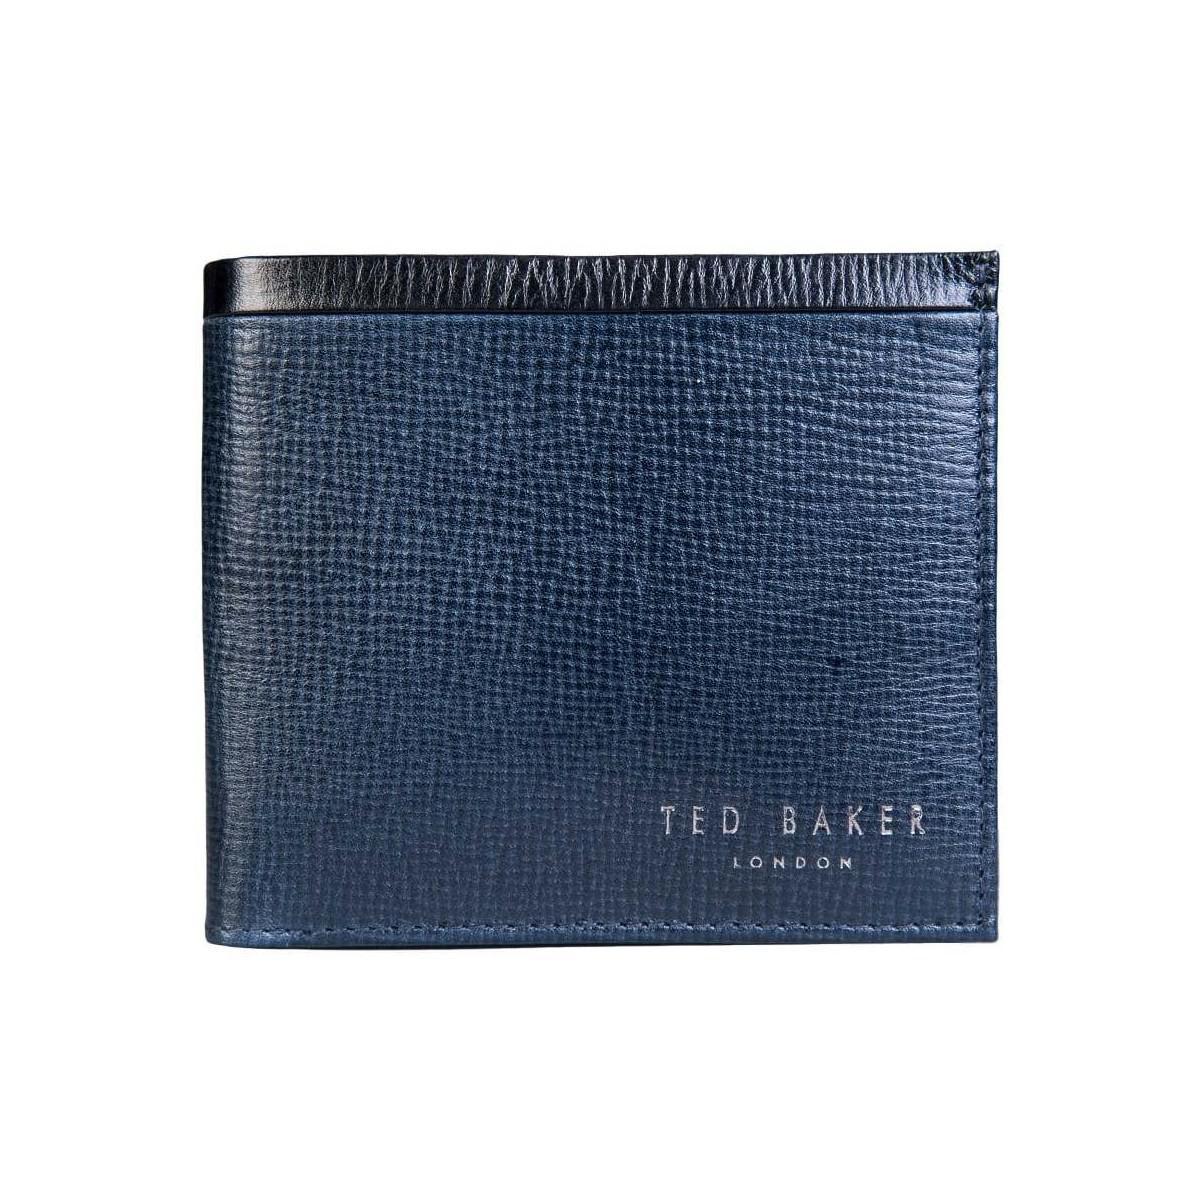 49e059378264da Ted Baker Wallet And Card Holder Gift Set Da7m Gg62 Crossy Men s ...